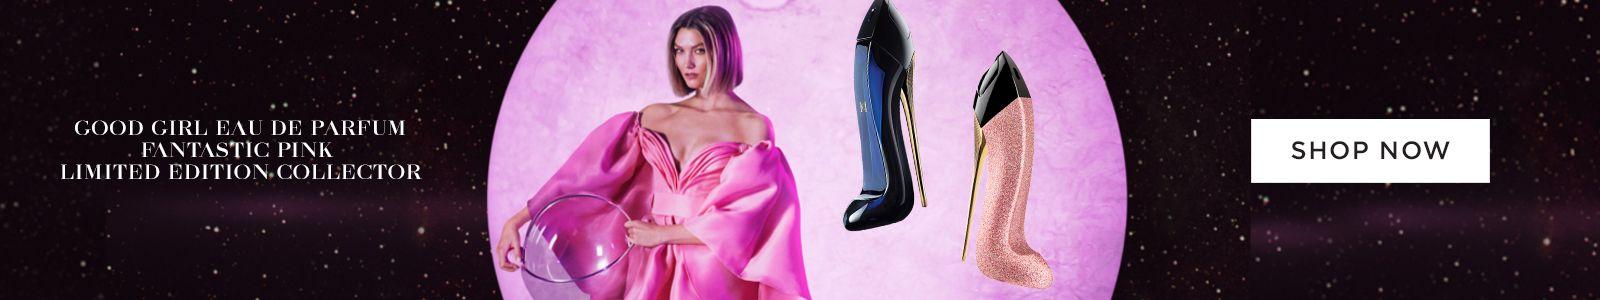 Good Girl EAU De Parfum Fantastic Pink Limited Edition Collector, Shop Now